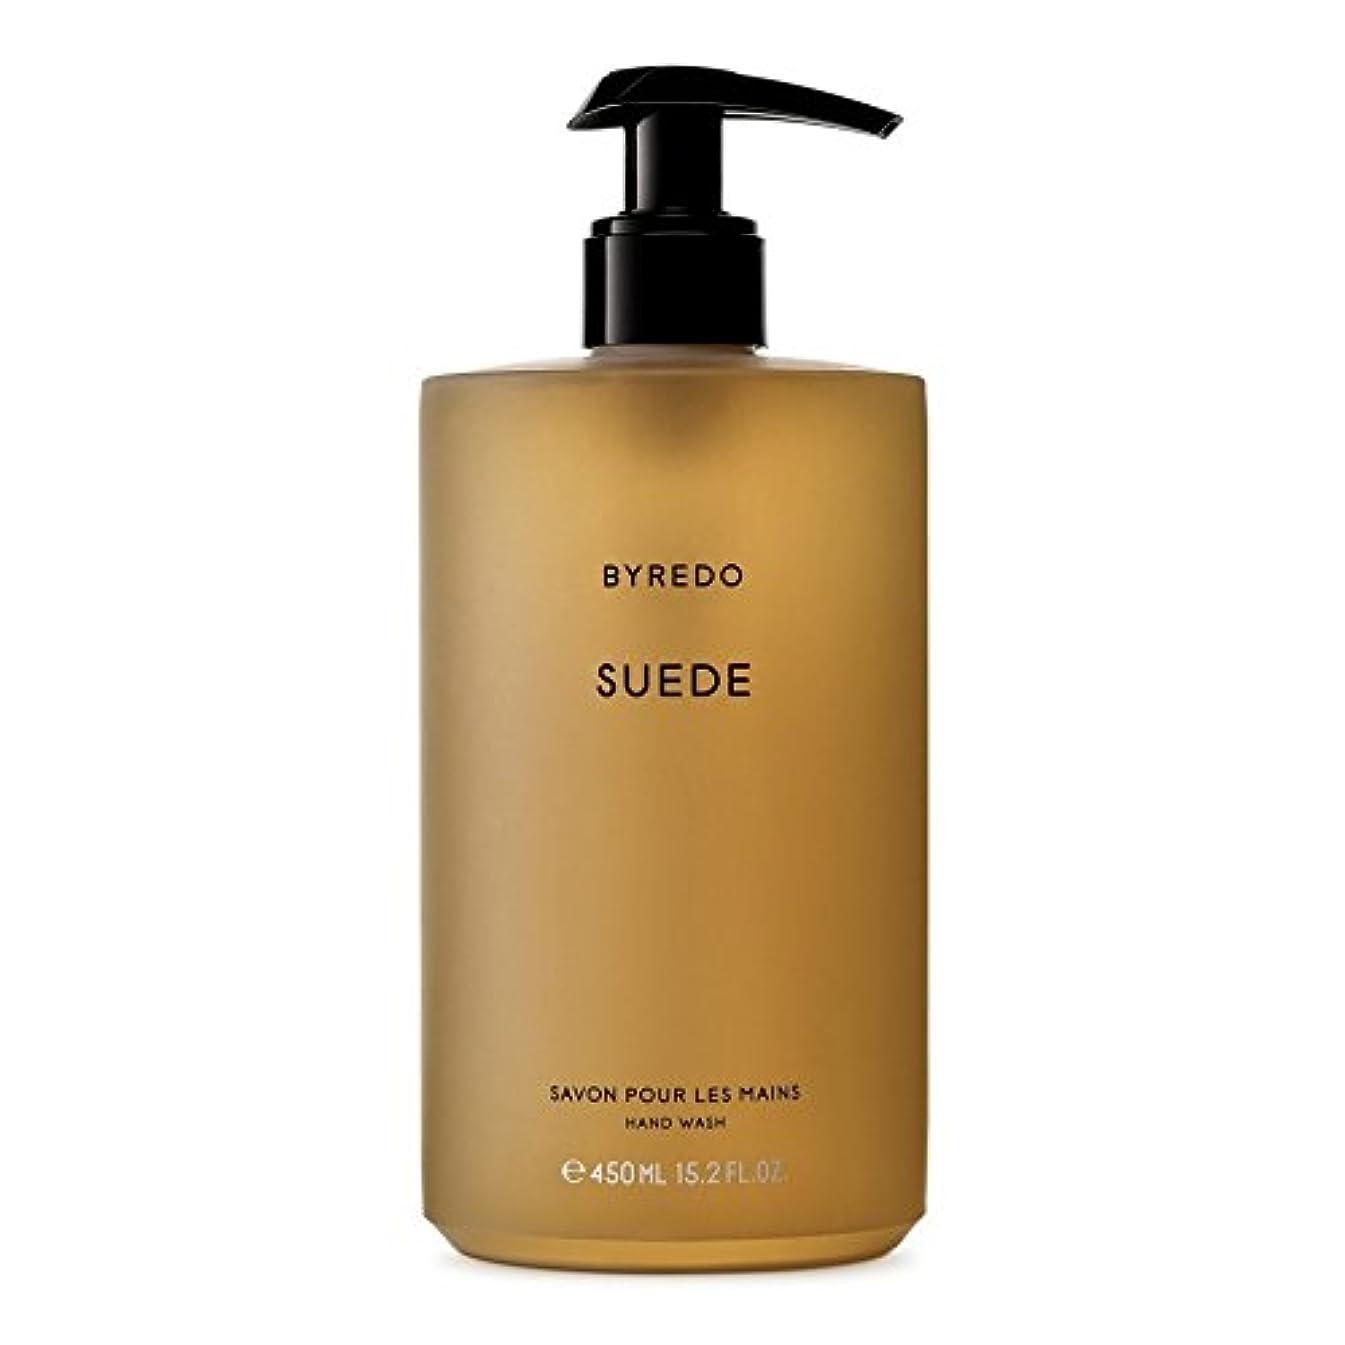 不変ハブ接触Byredo Suede Hand Wash 450ml - スエードのハンドウォッシュ450ミリリットル [並行輸入品]